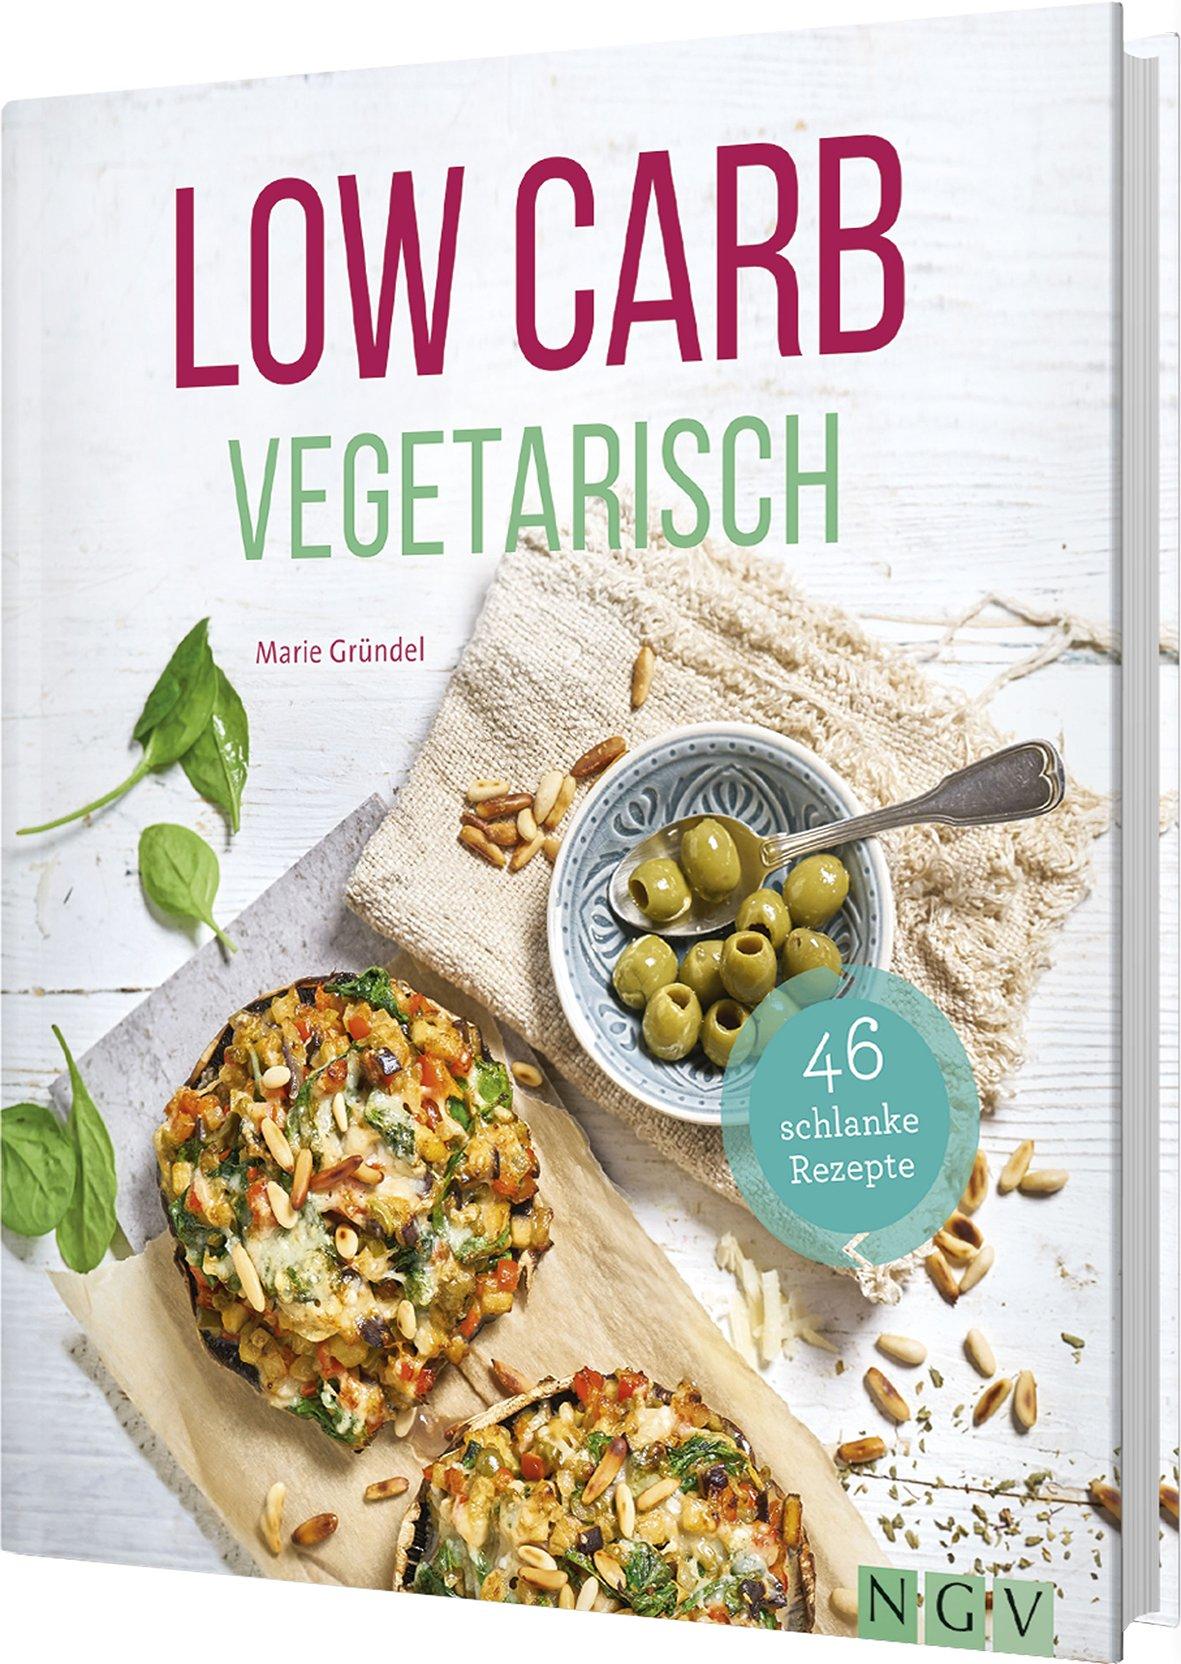 Low Carb Vegetarisch: 46 schlanke Rezepte